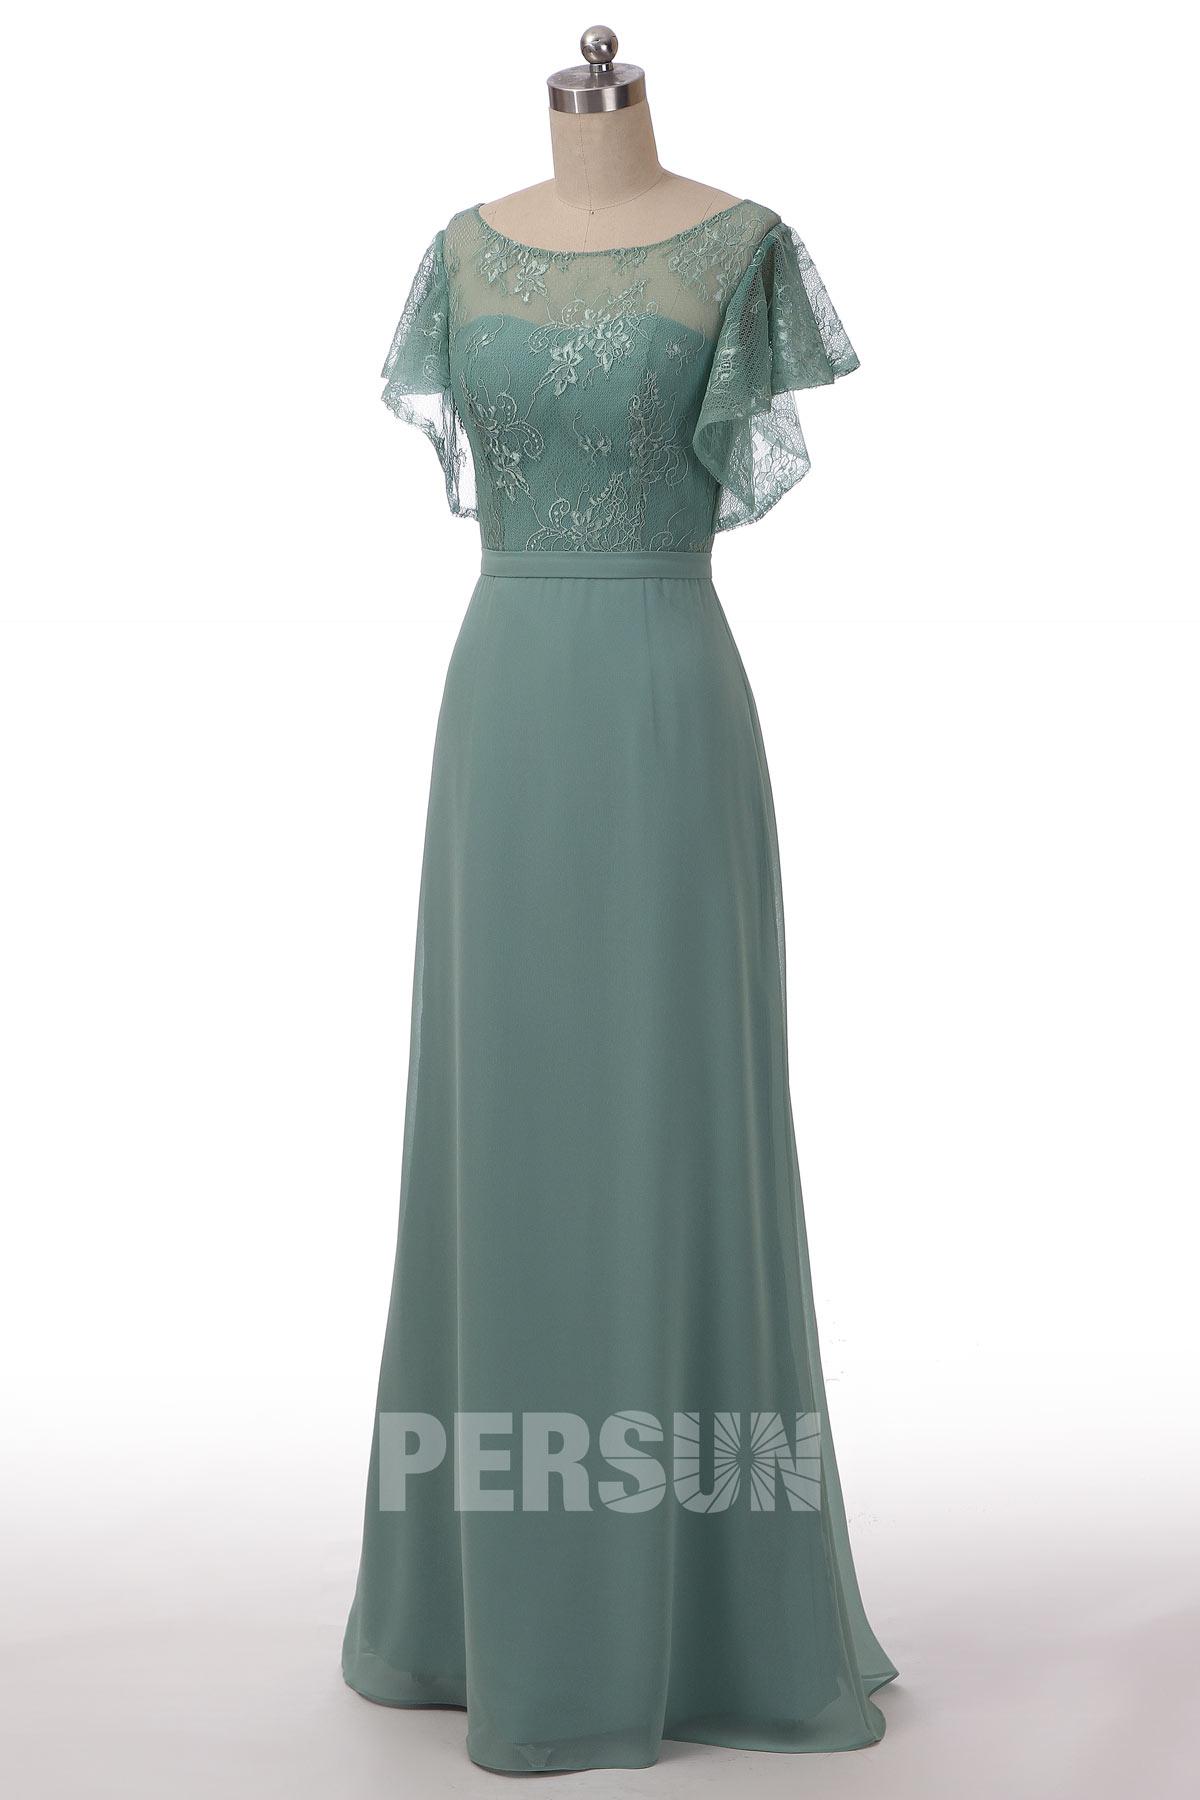 robe mère mariée vert jade longue haut en dentelle florale à manche courte à volant